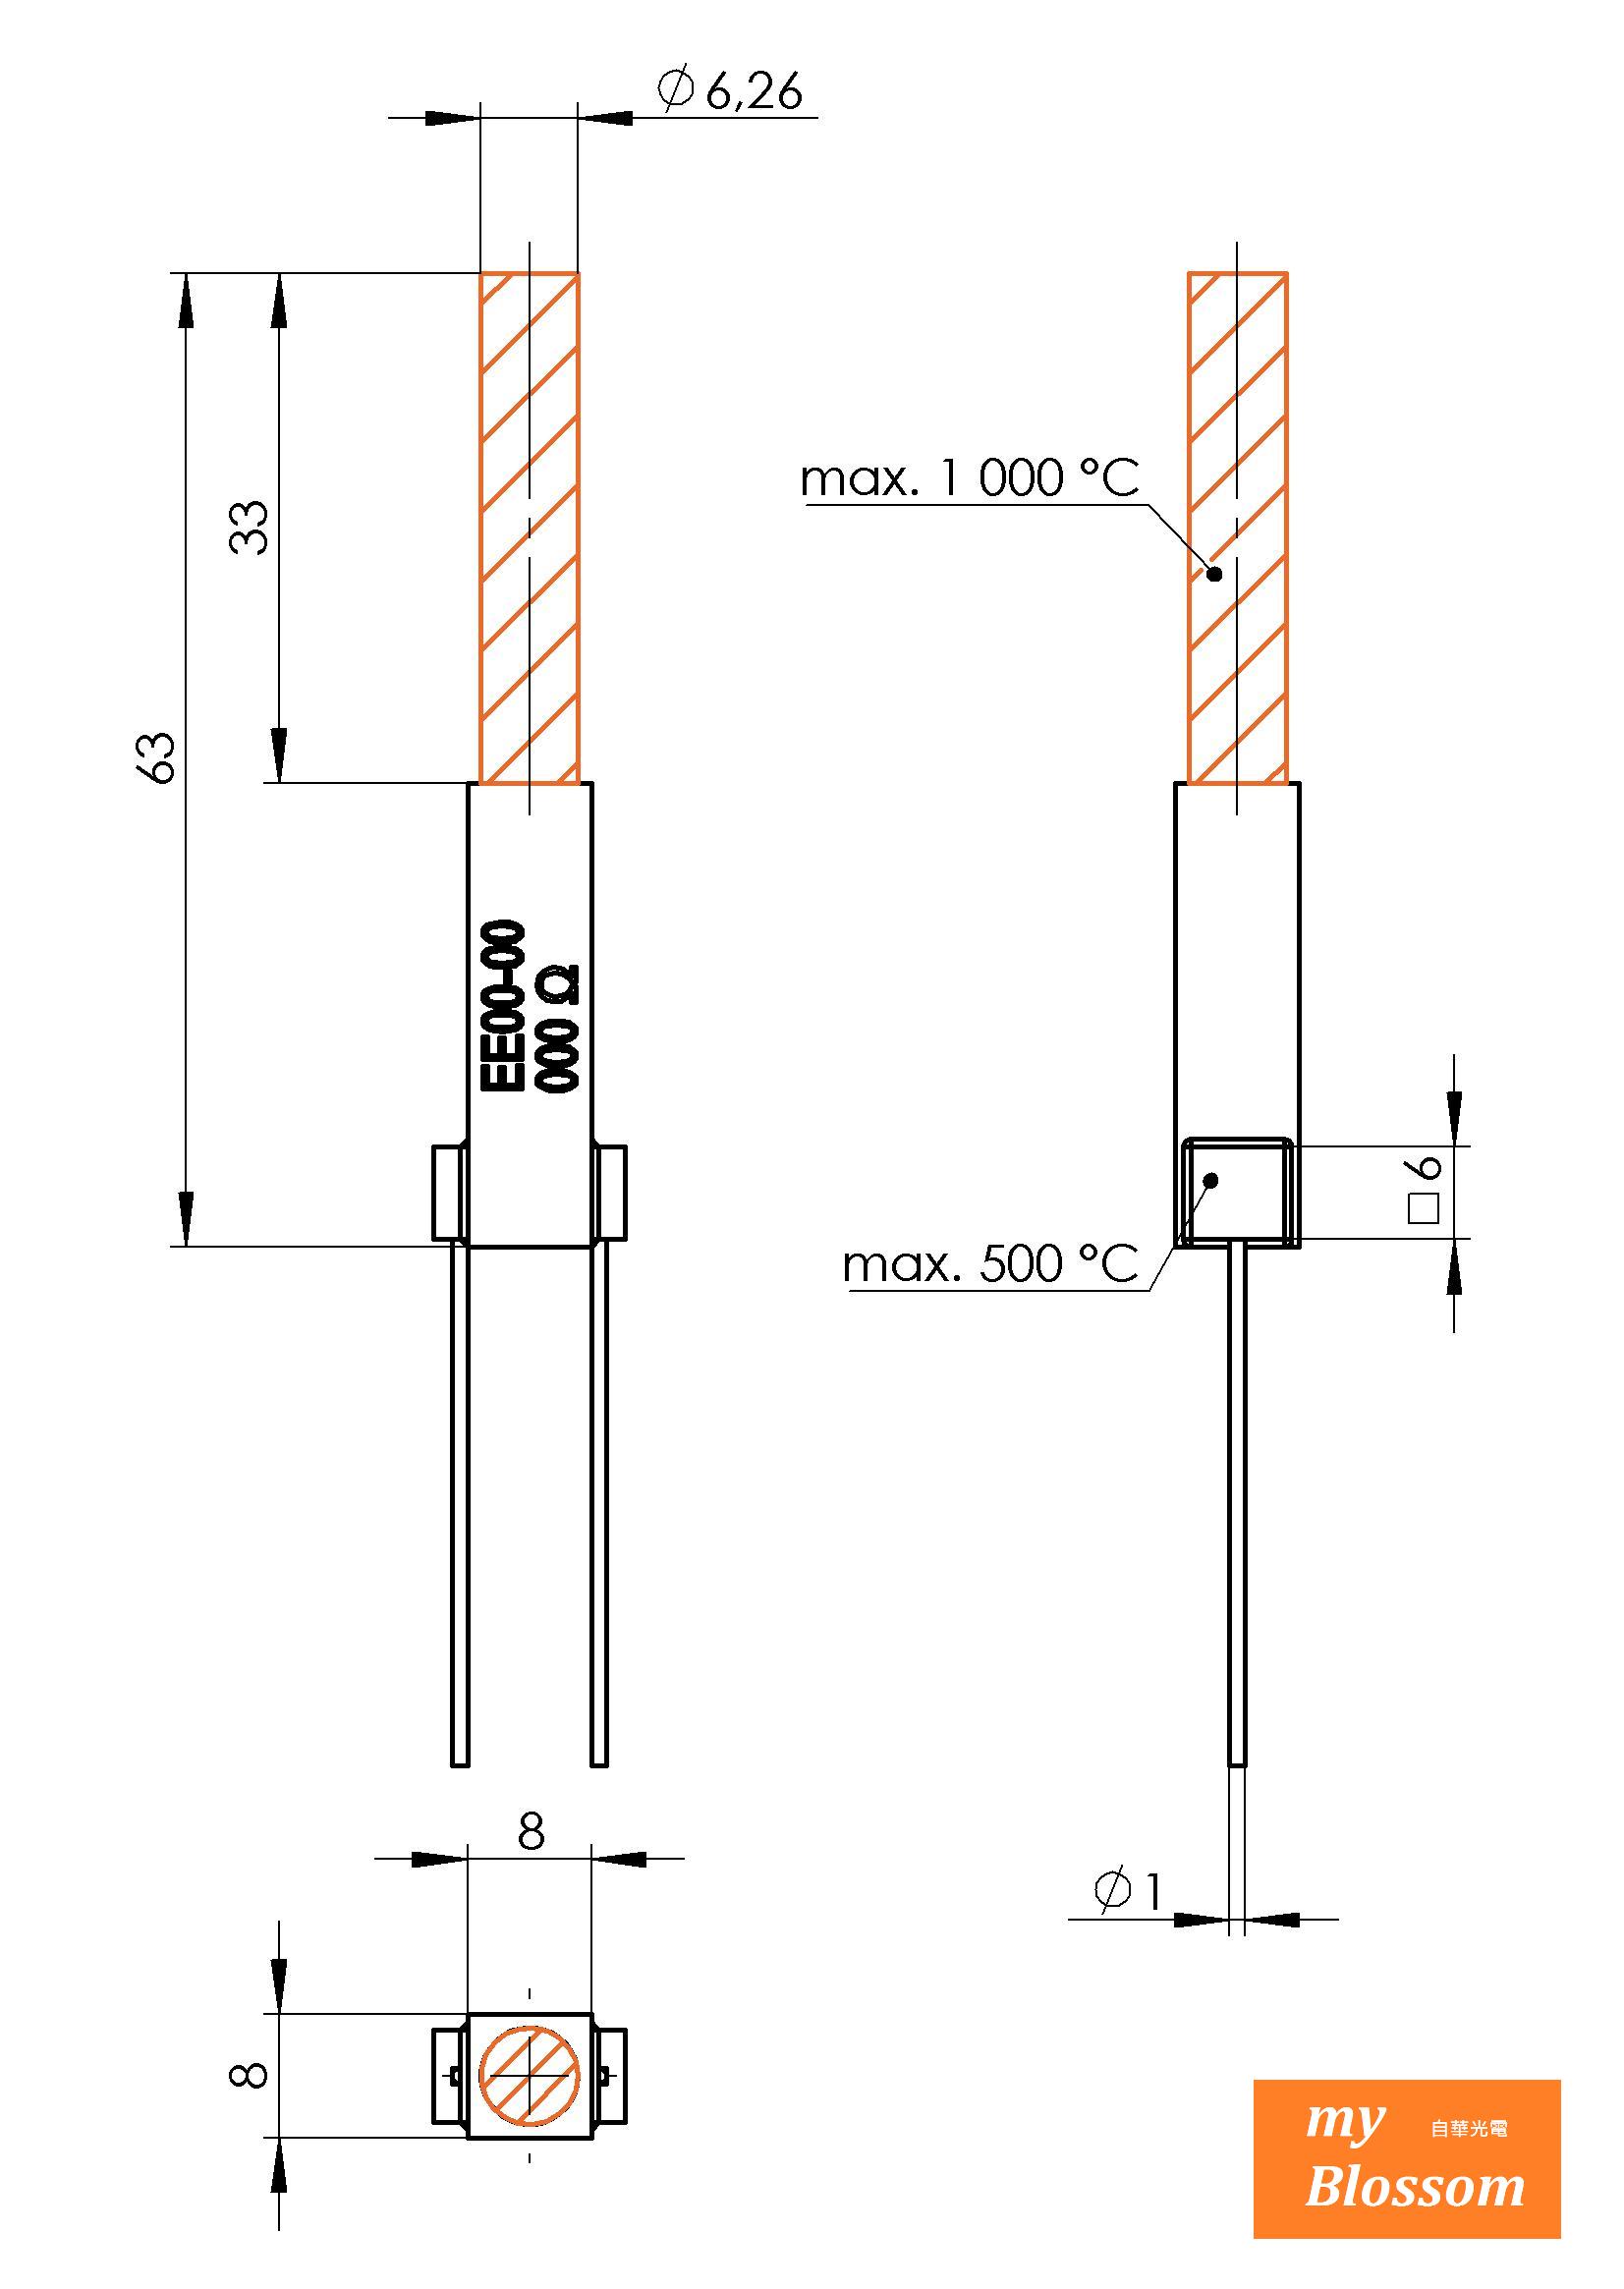 辉光点火器/陶瓷辐射加热器/陶瓷加热切割器/陶瓷弹筒式(卡式)电热管